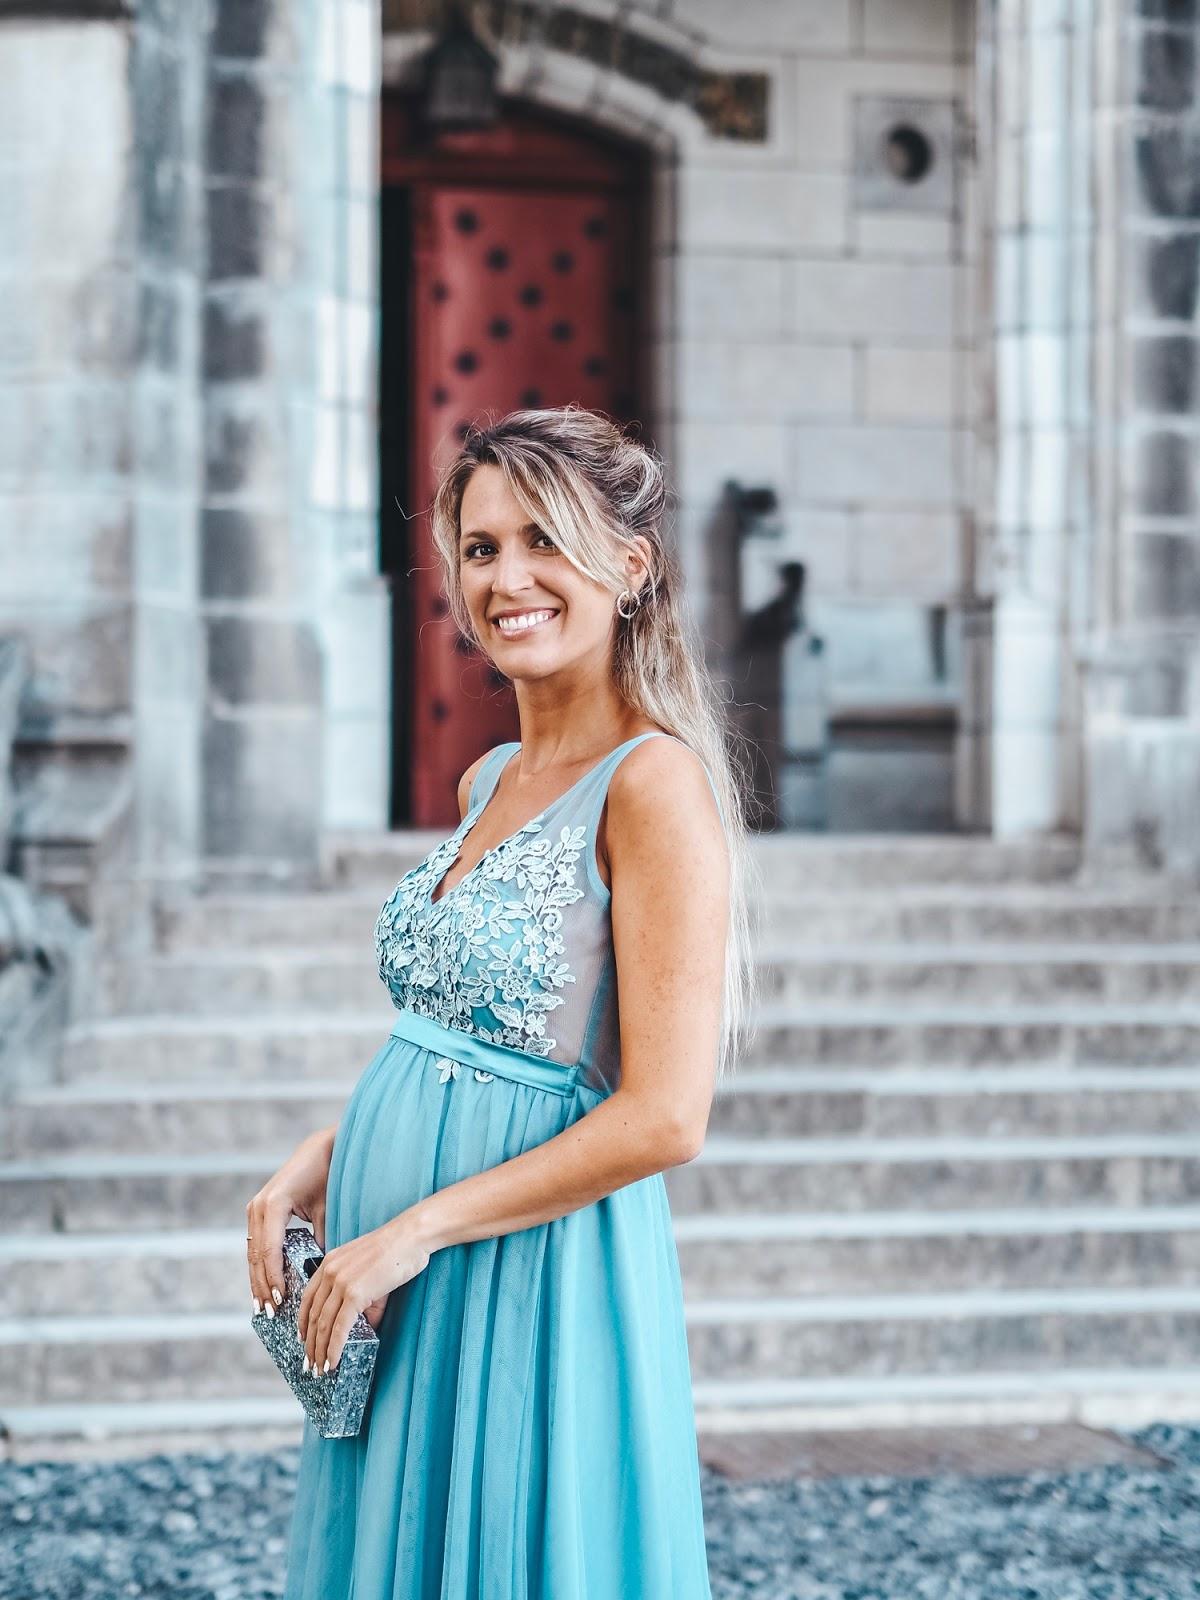 que vestido elijo boda embarazada